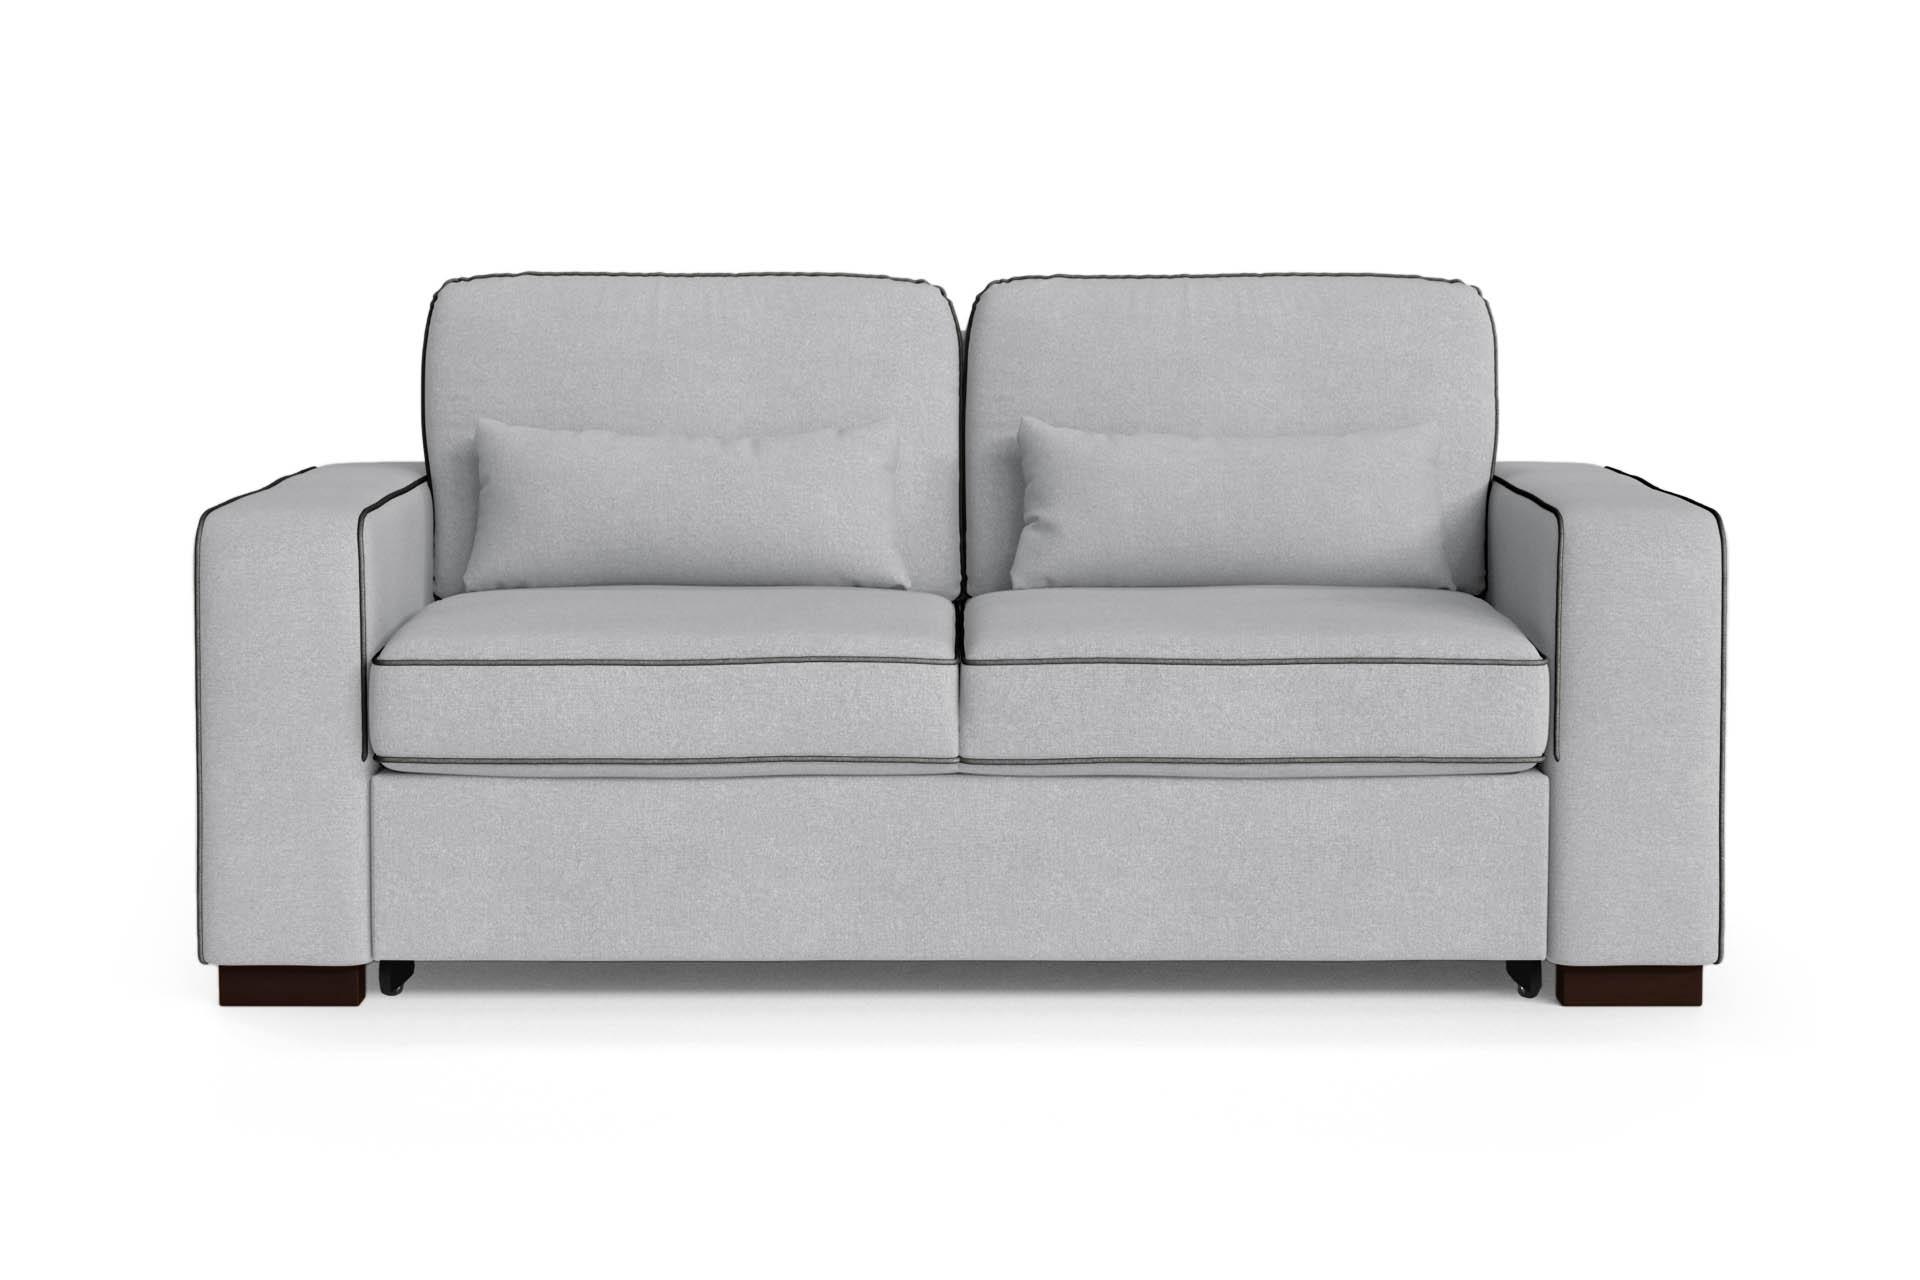 Canapé convertible 2 places toucher coton gris clair/anthracite